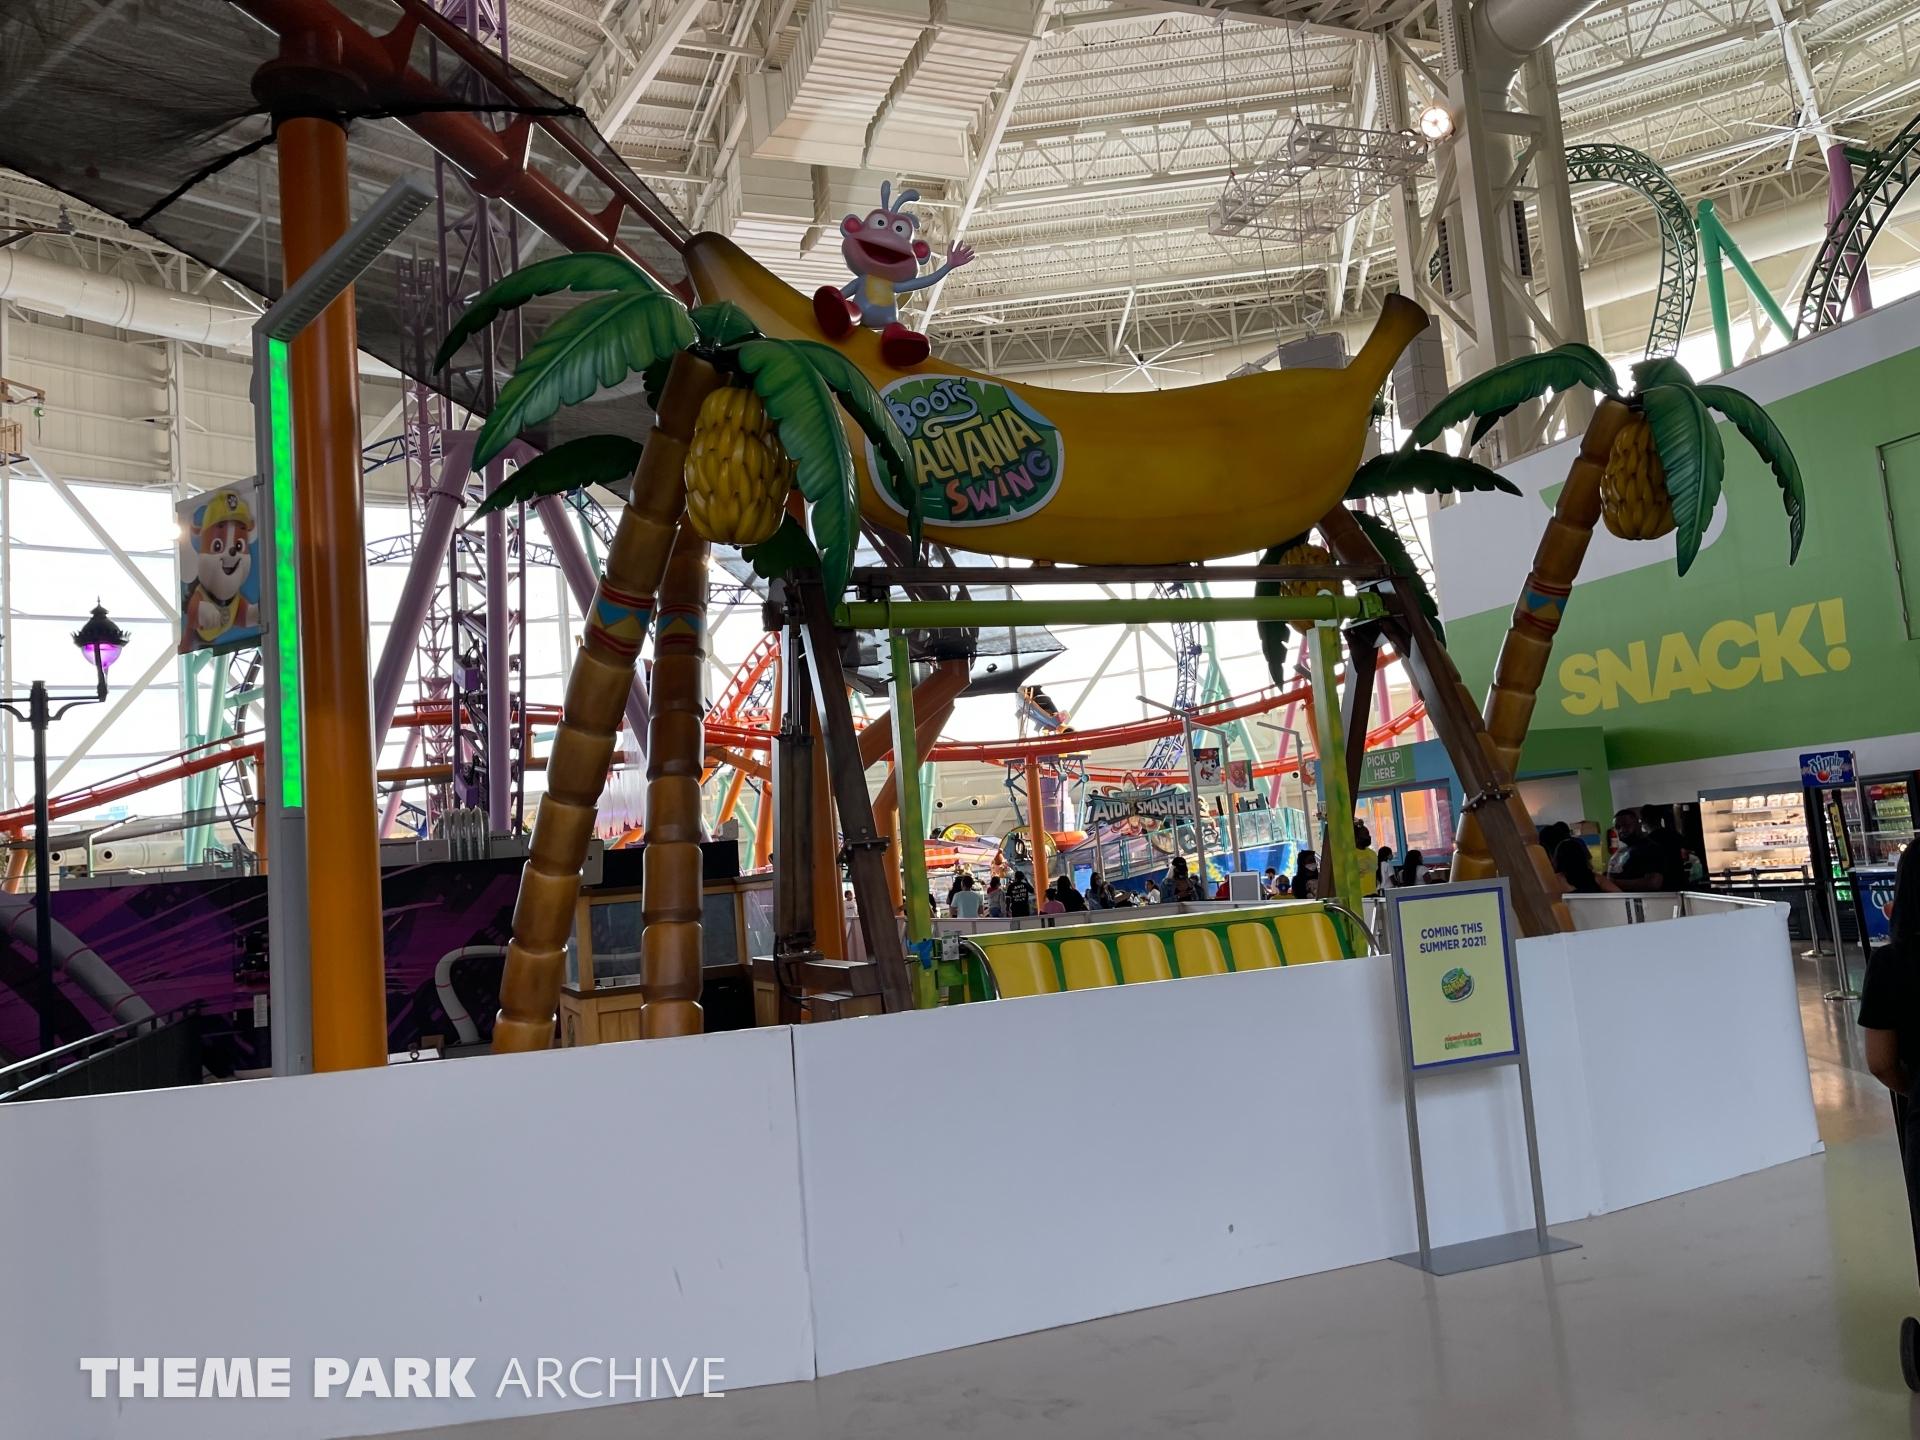 Boots' Banana Swing at Nickelodeon Universe at American Dream